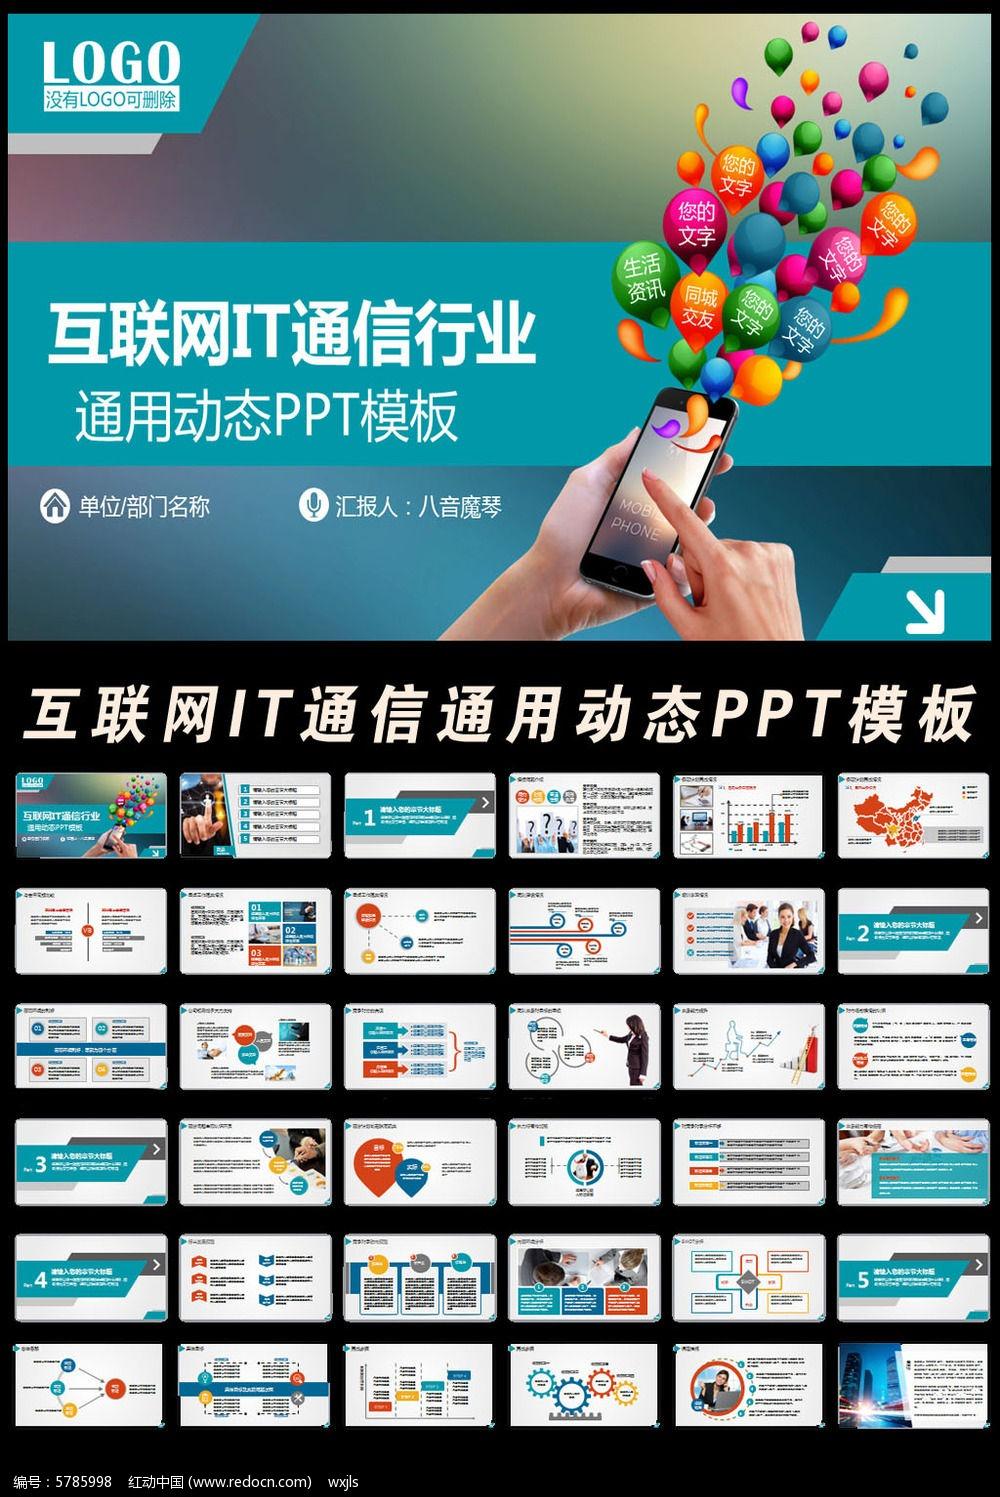 信行业通用动态PPT模板素材下载 网络通讯ppt设计图片